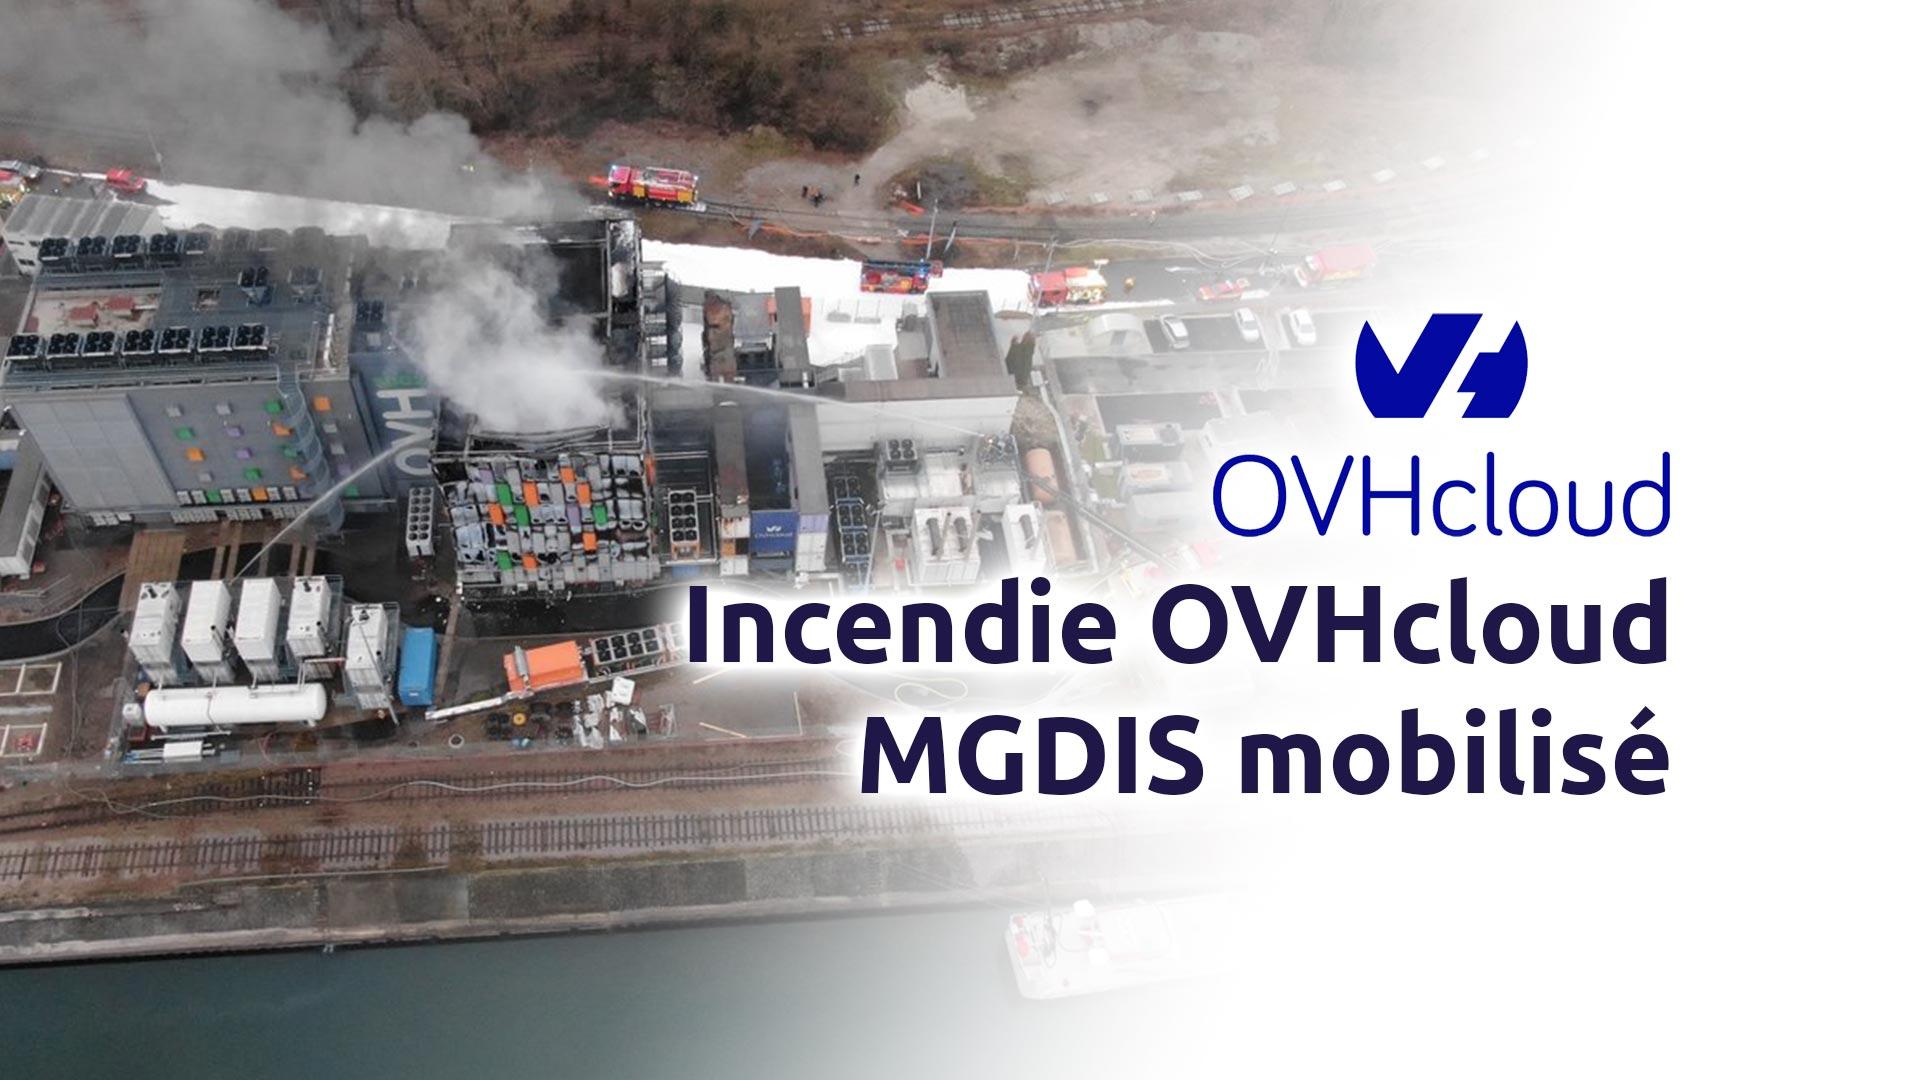 Incendie OVH Cloud - MGDIS est mobilisé sur l'incident